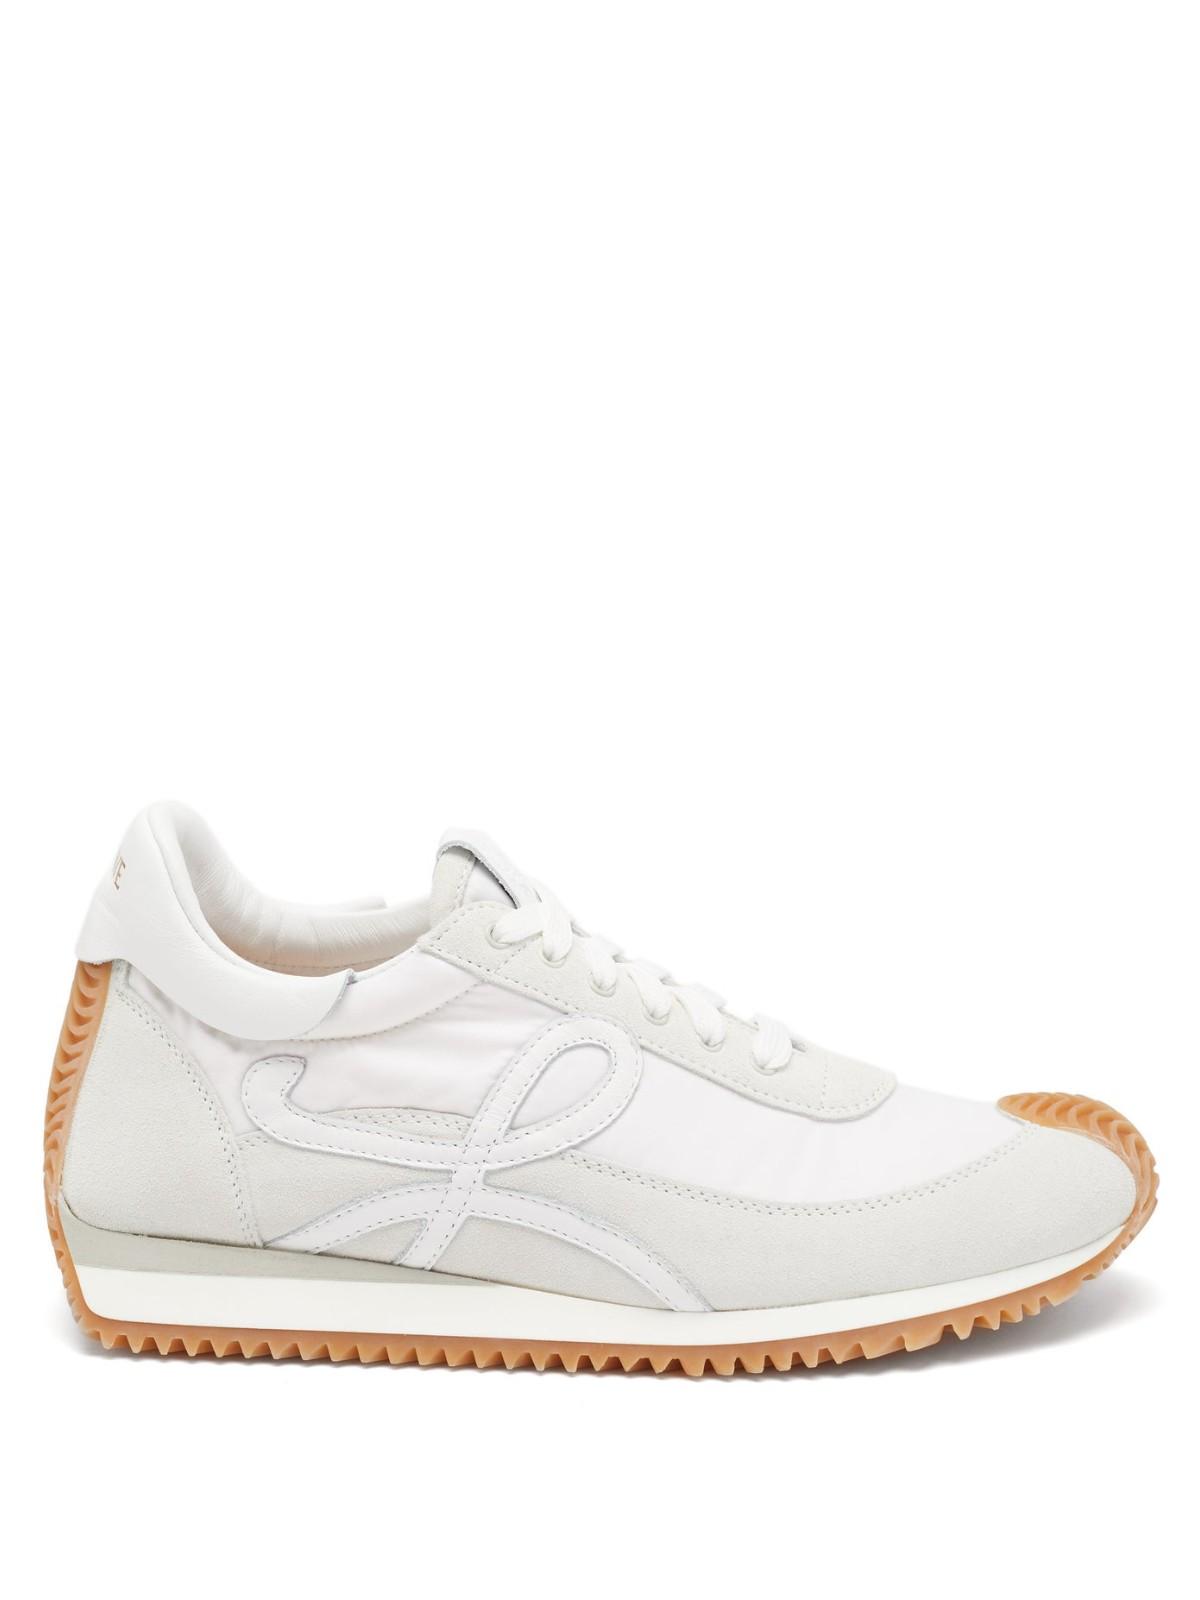 LOEWE小白鞋